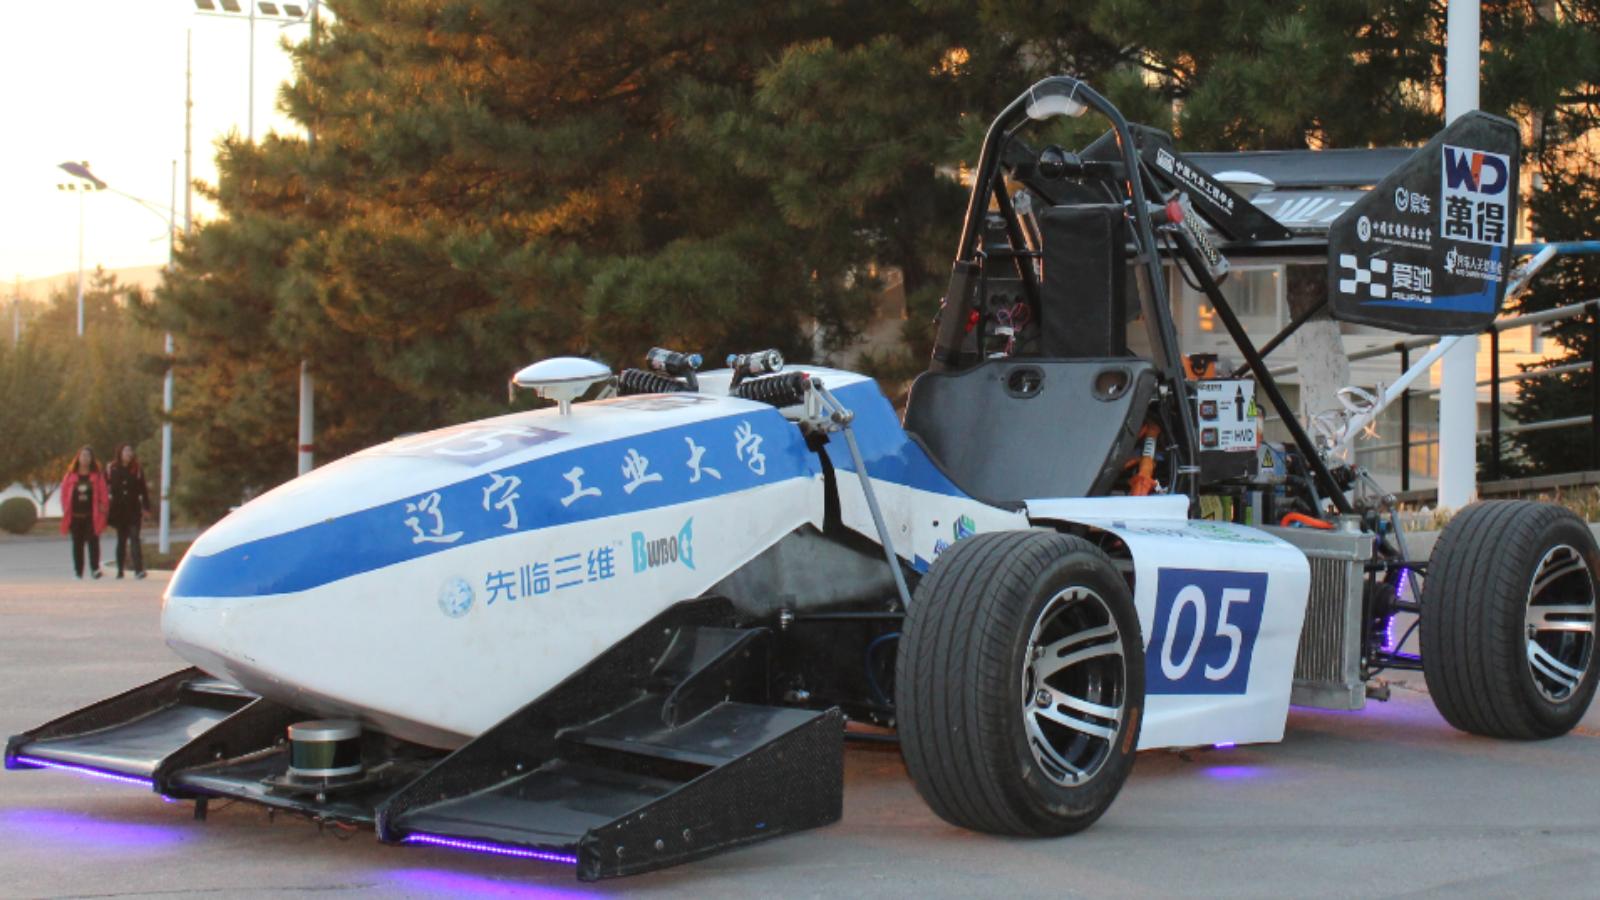 电动方程式赛车和无人驾驶方程式赛车